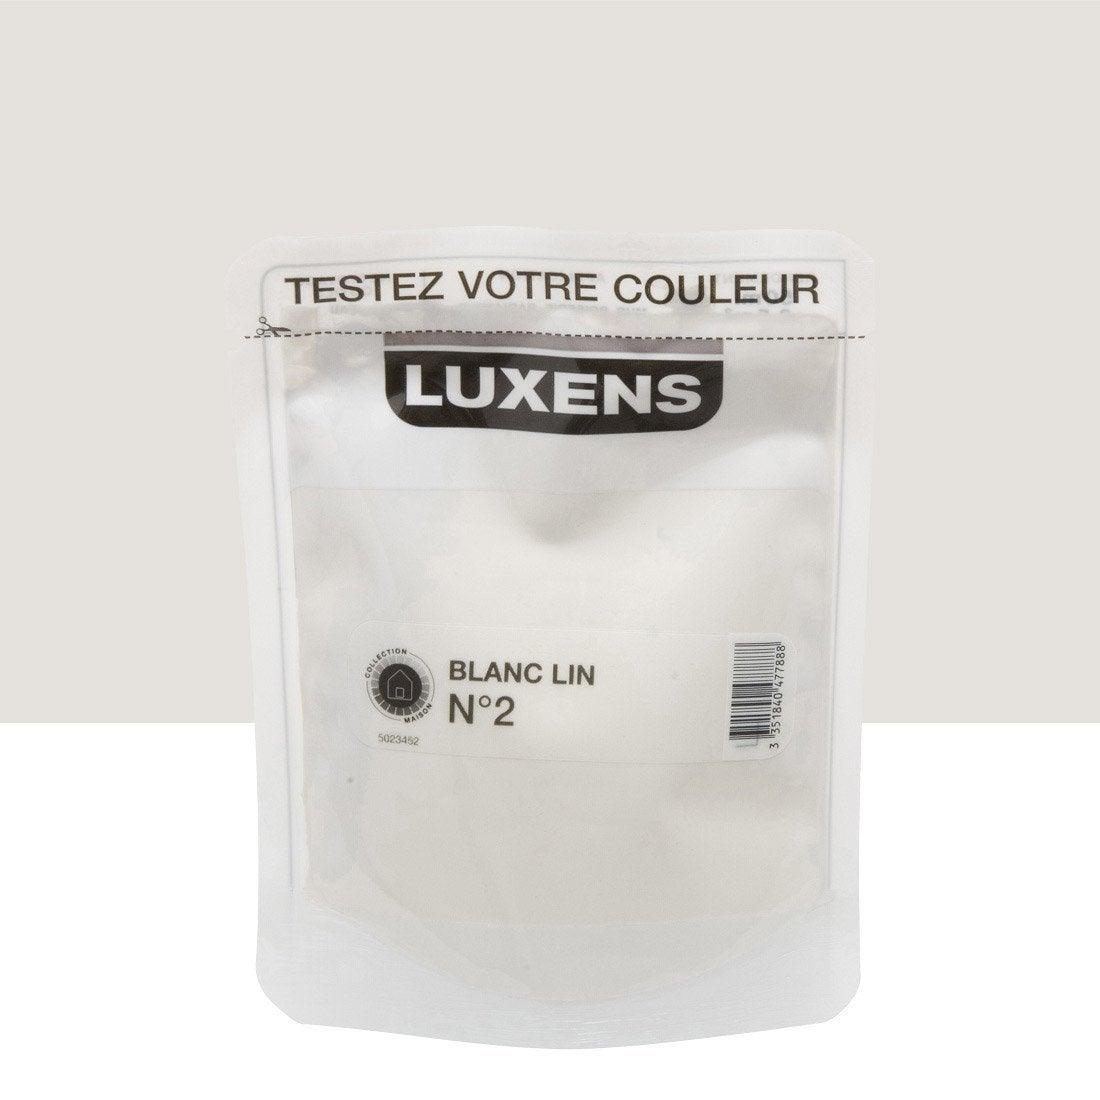 Emejing Salle Couleur Peinture Noisette Et Blanc Gallery - Amazing ...